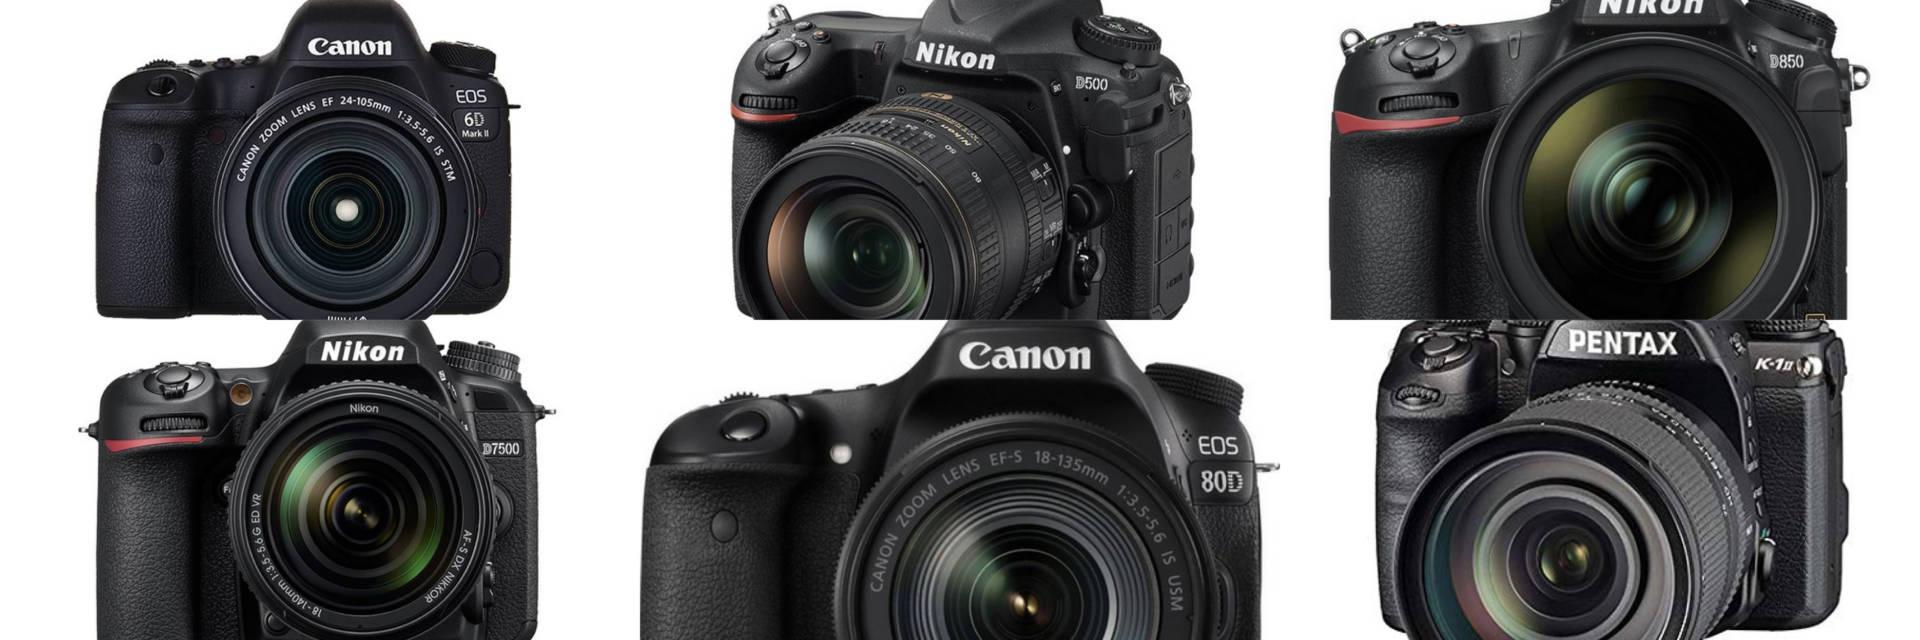 Migliori reflex: la classifica delle fotocamere professionali più potenti